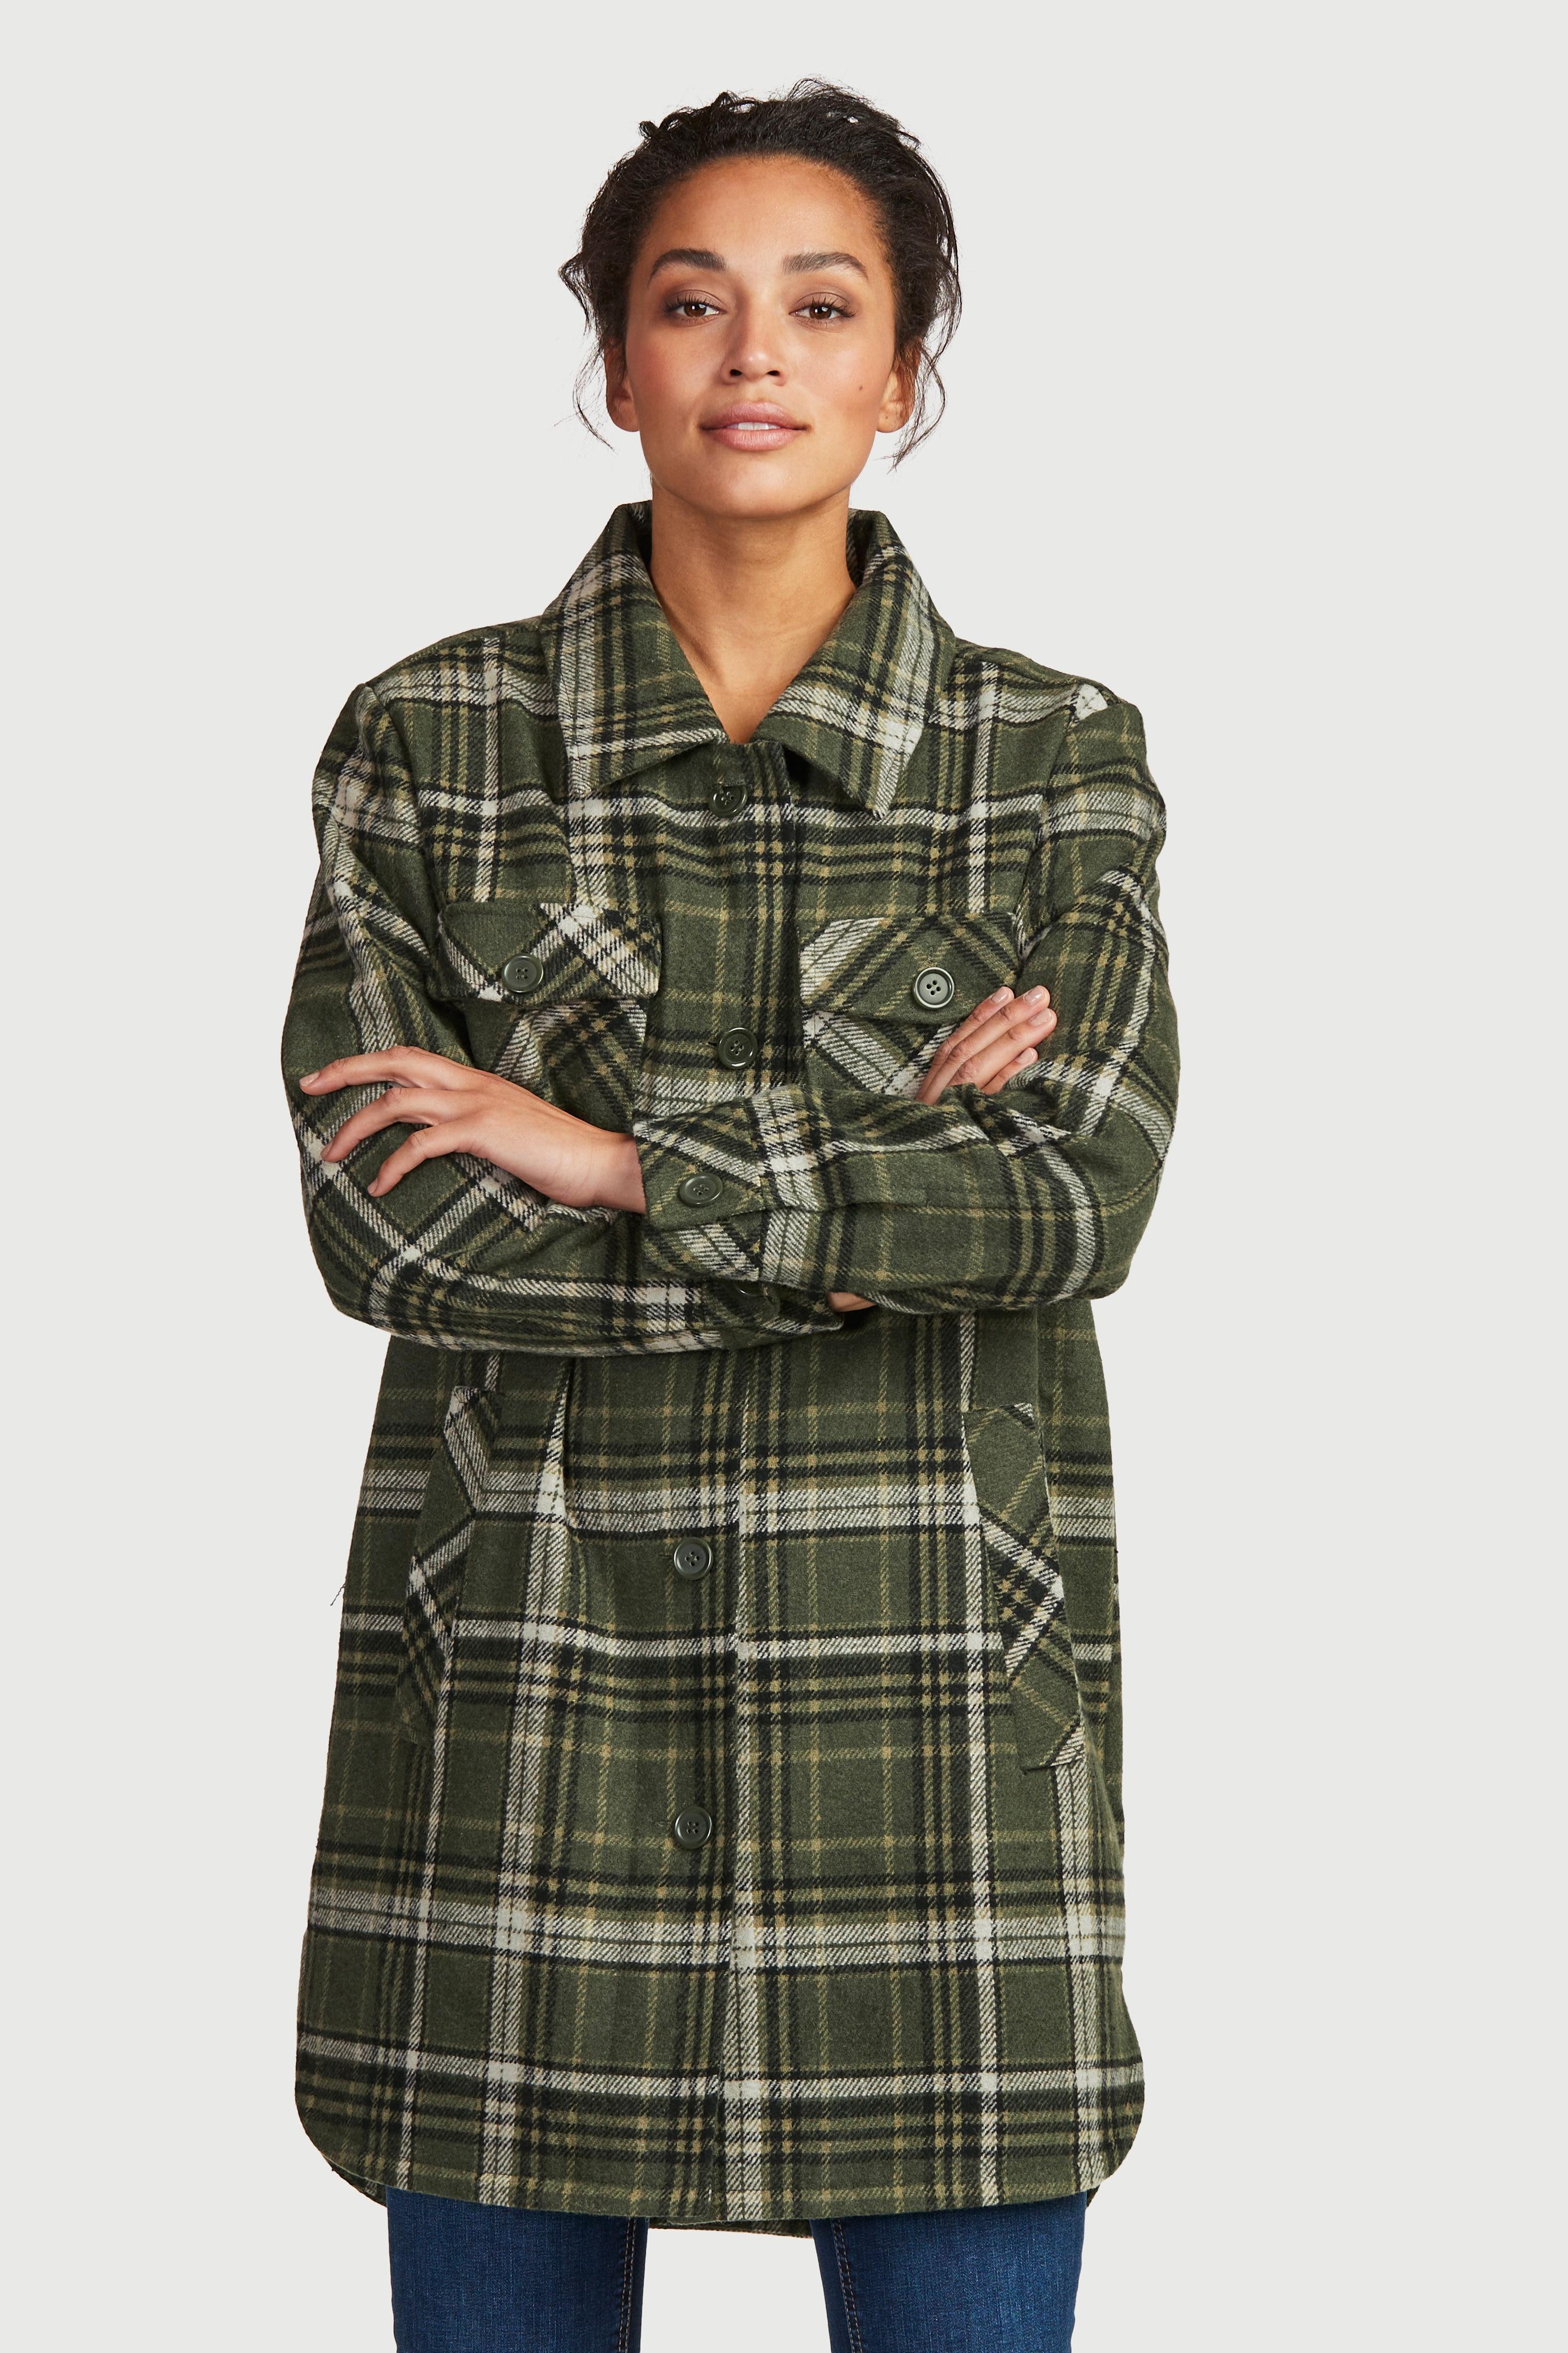 Trendig skjortjacka med krage